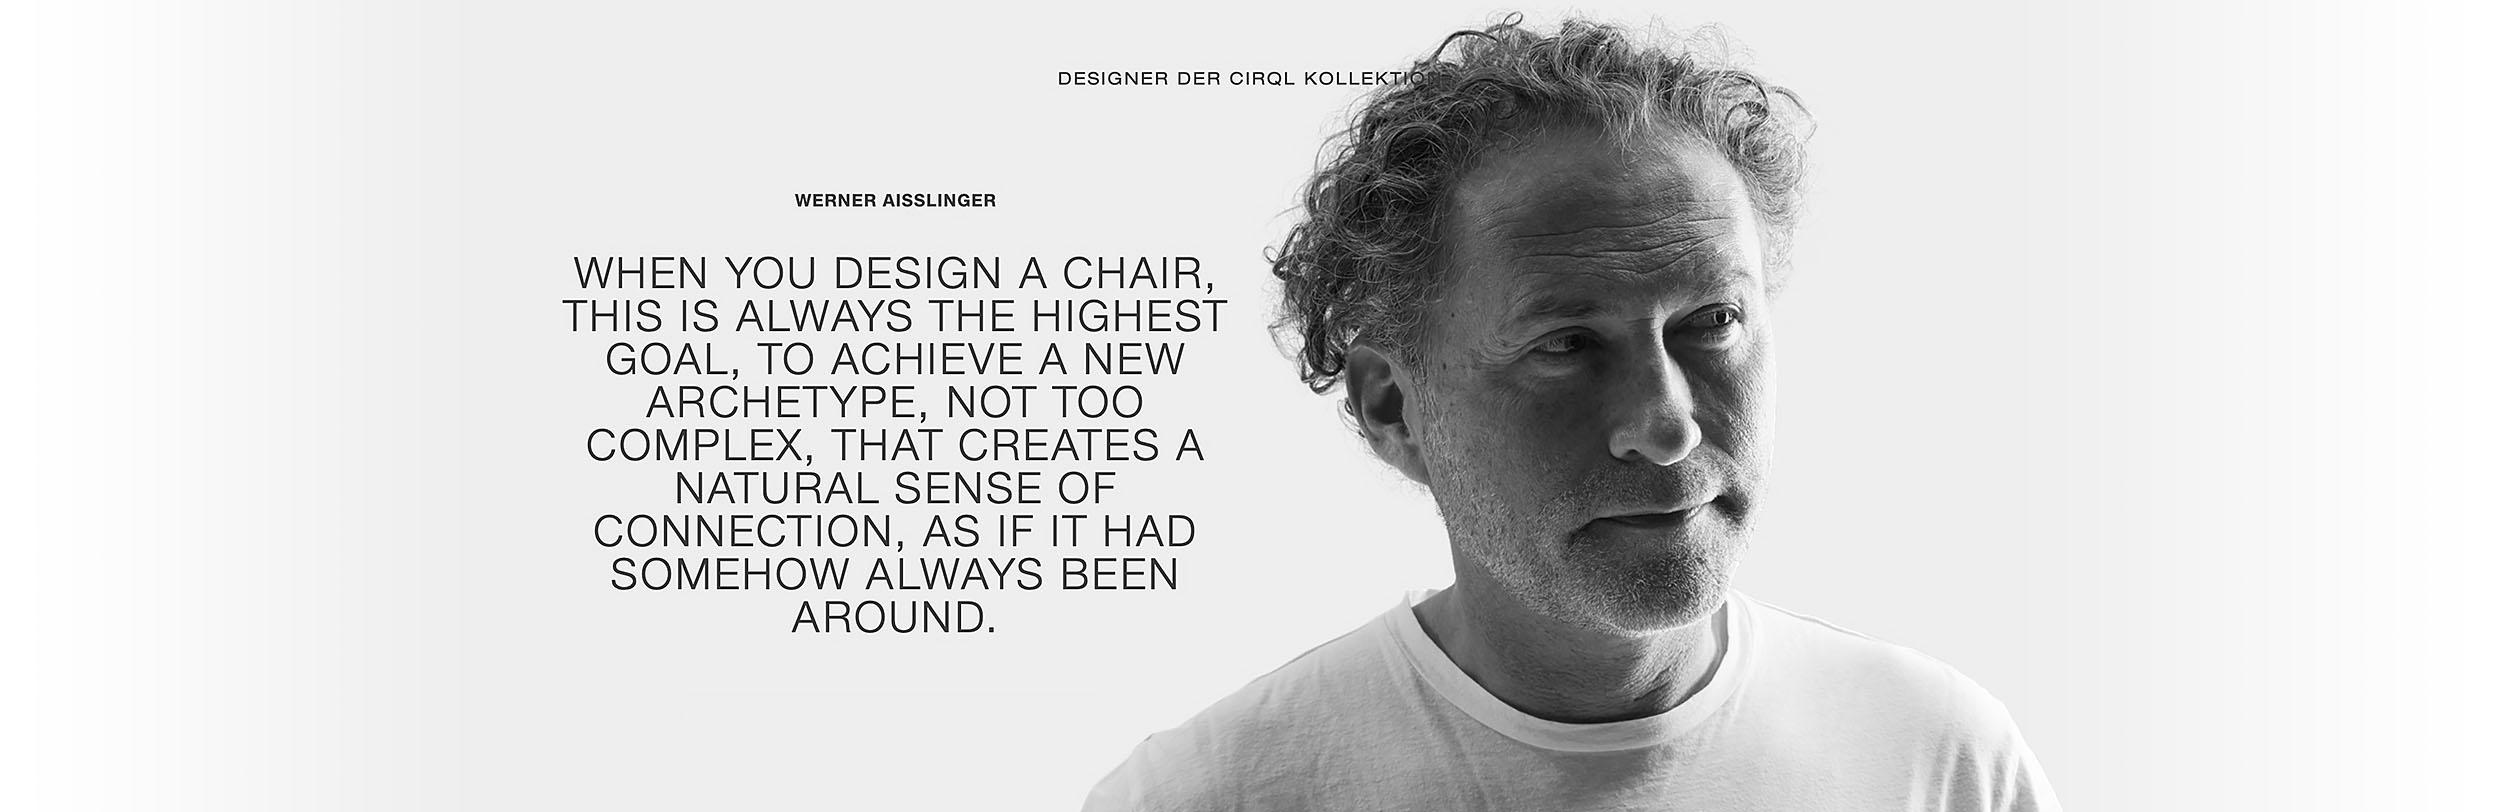 CIRQL_Designer.jpg